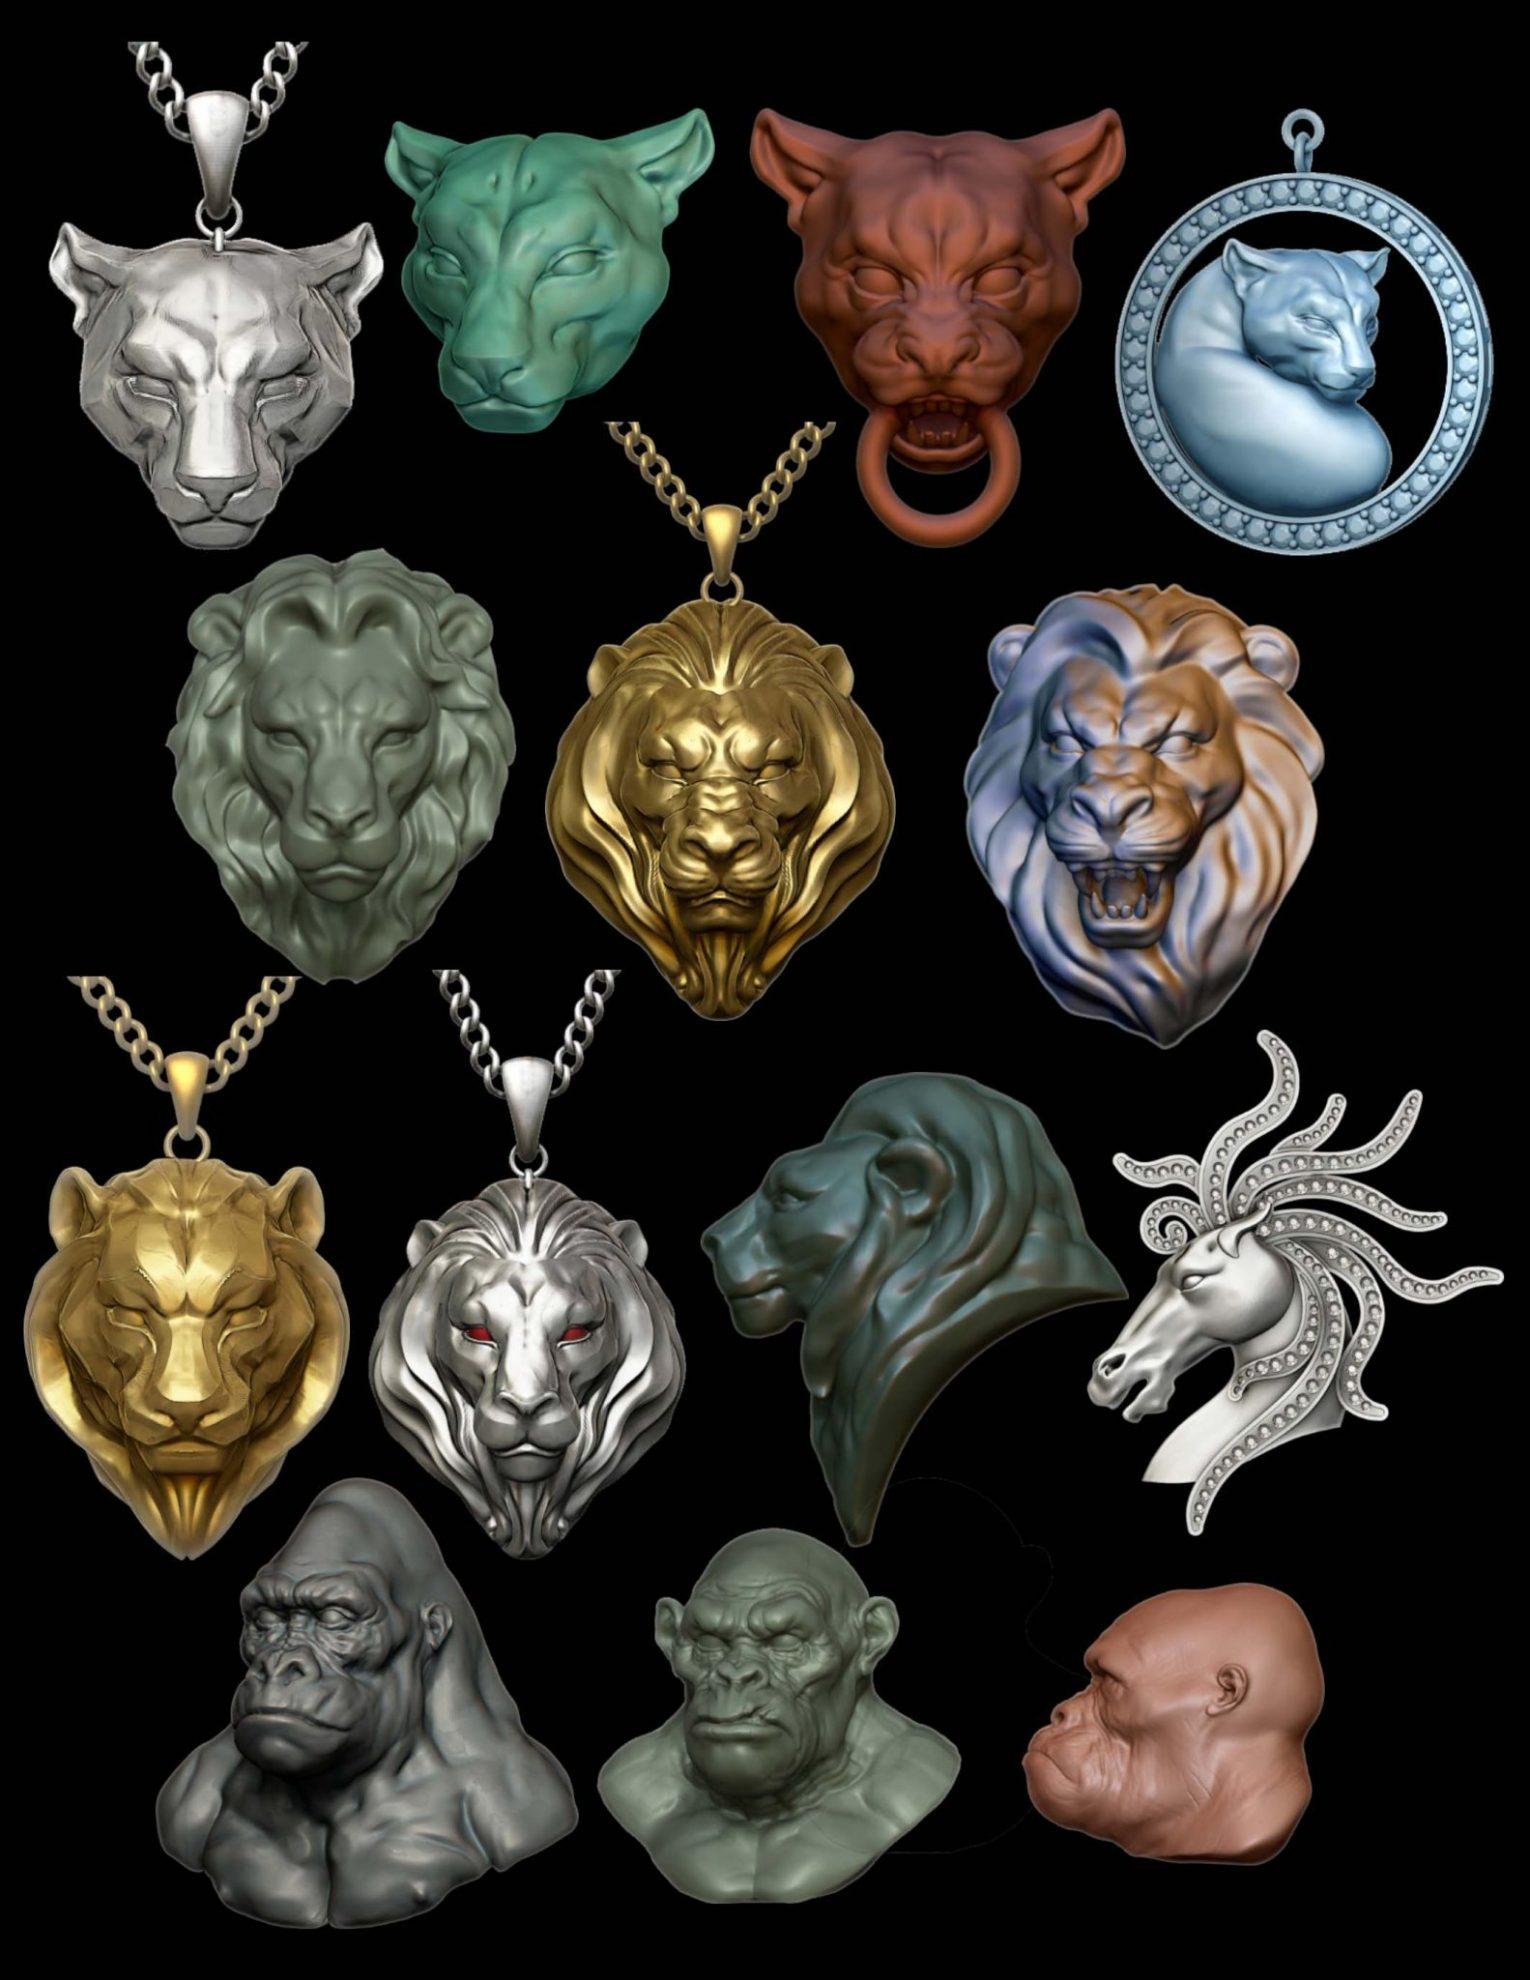 طراحی جواهرات با زیبراش, فیگور سازی با زیبراش,طراحی طلا با زیبراش,نرم افزار زیبراش